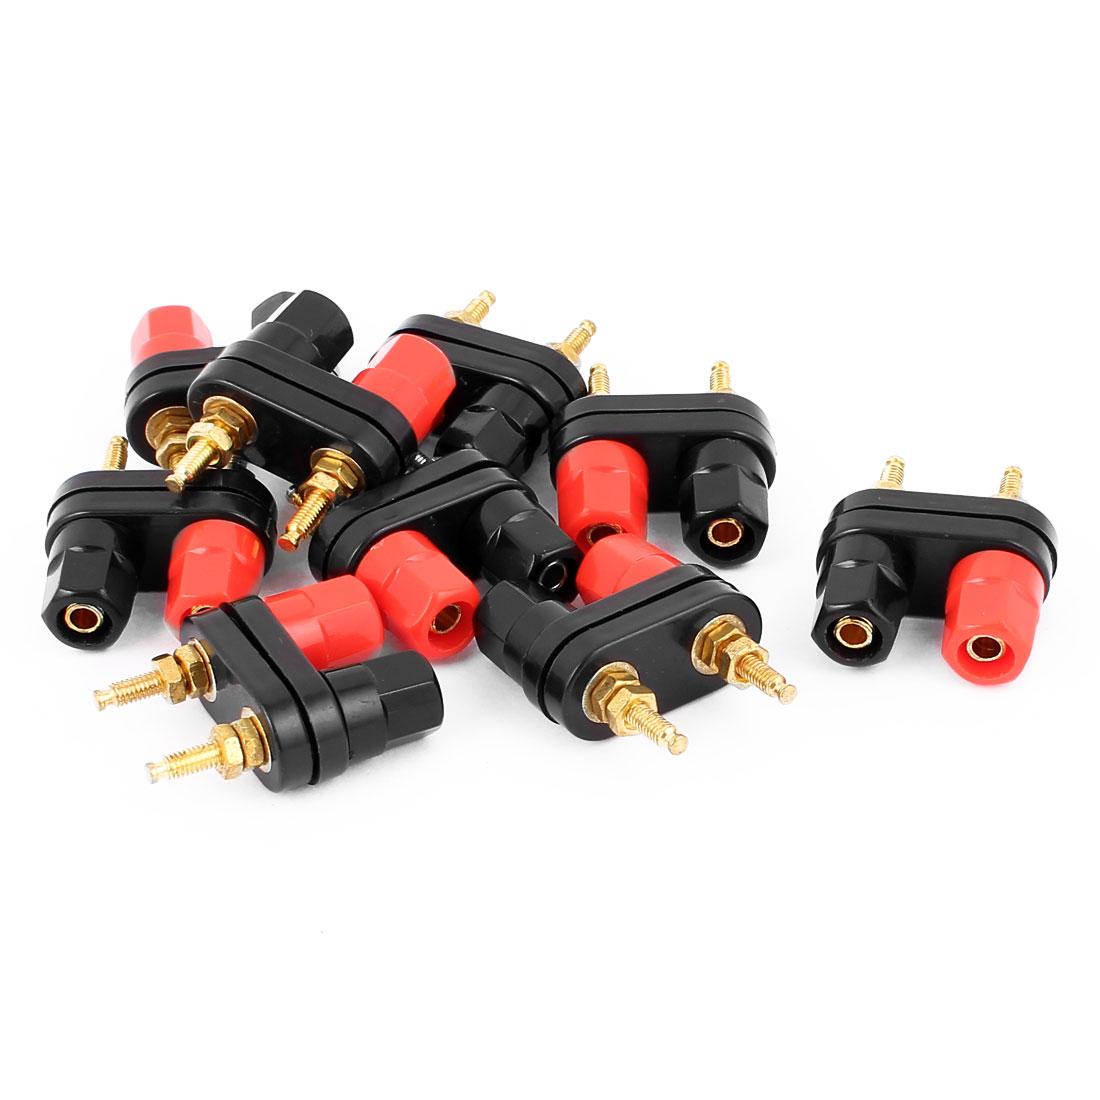 9pcs Plastic Cap Speaker Amplifier Terminal Dual Binding Post Banana Female Connectors